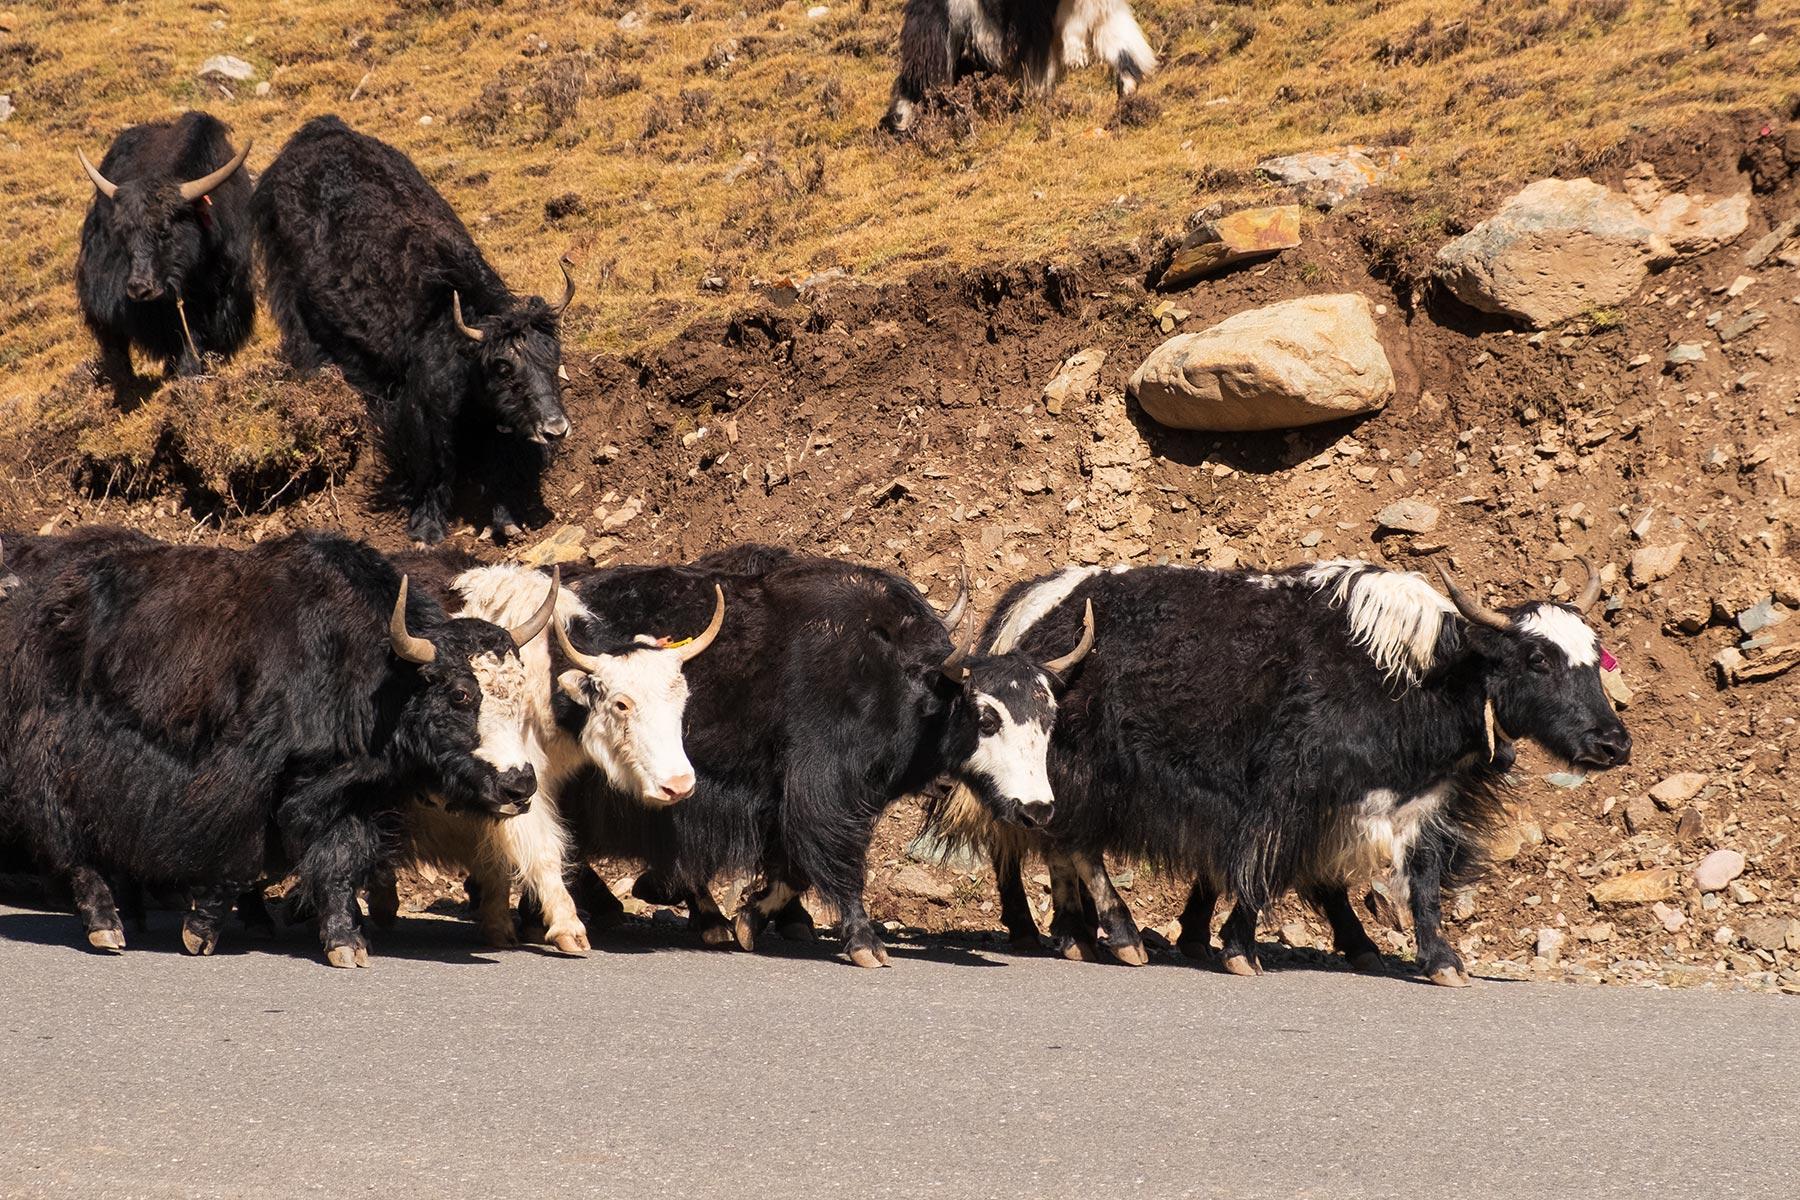 Yaks auf der Straße in Gansu China in den Bergen